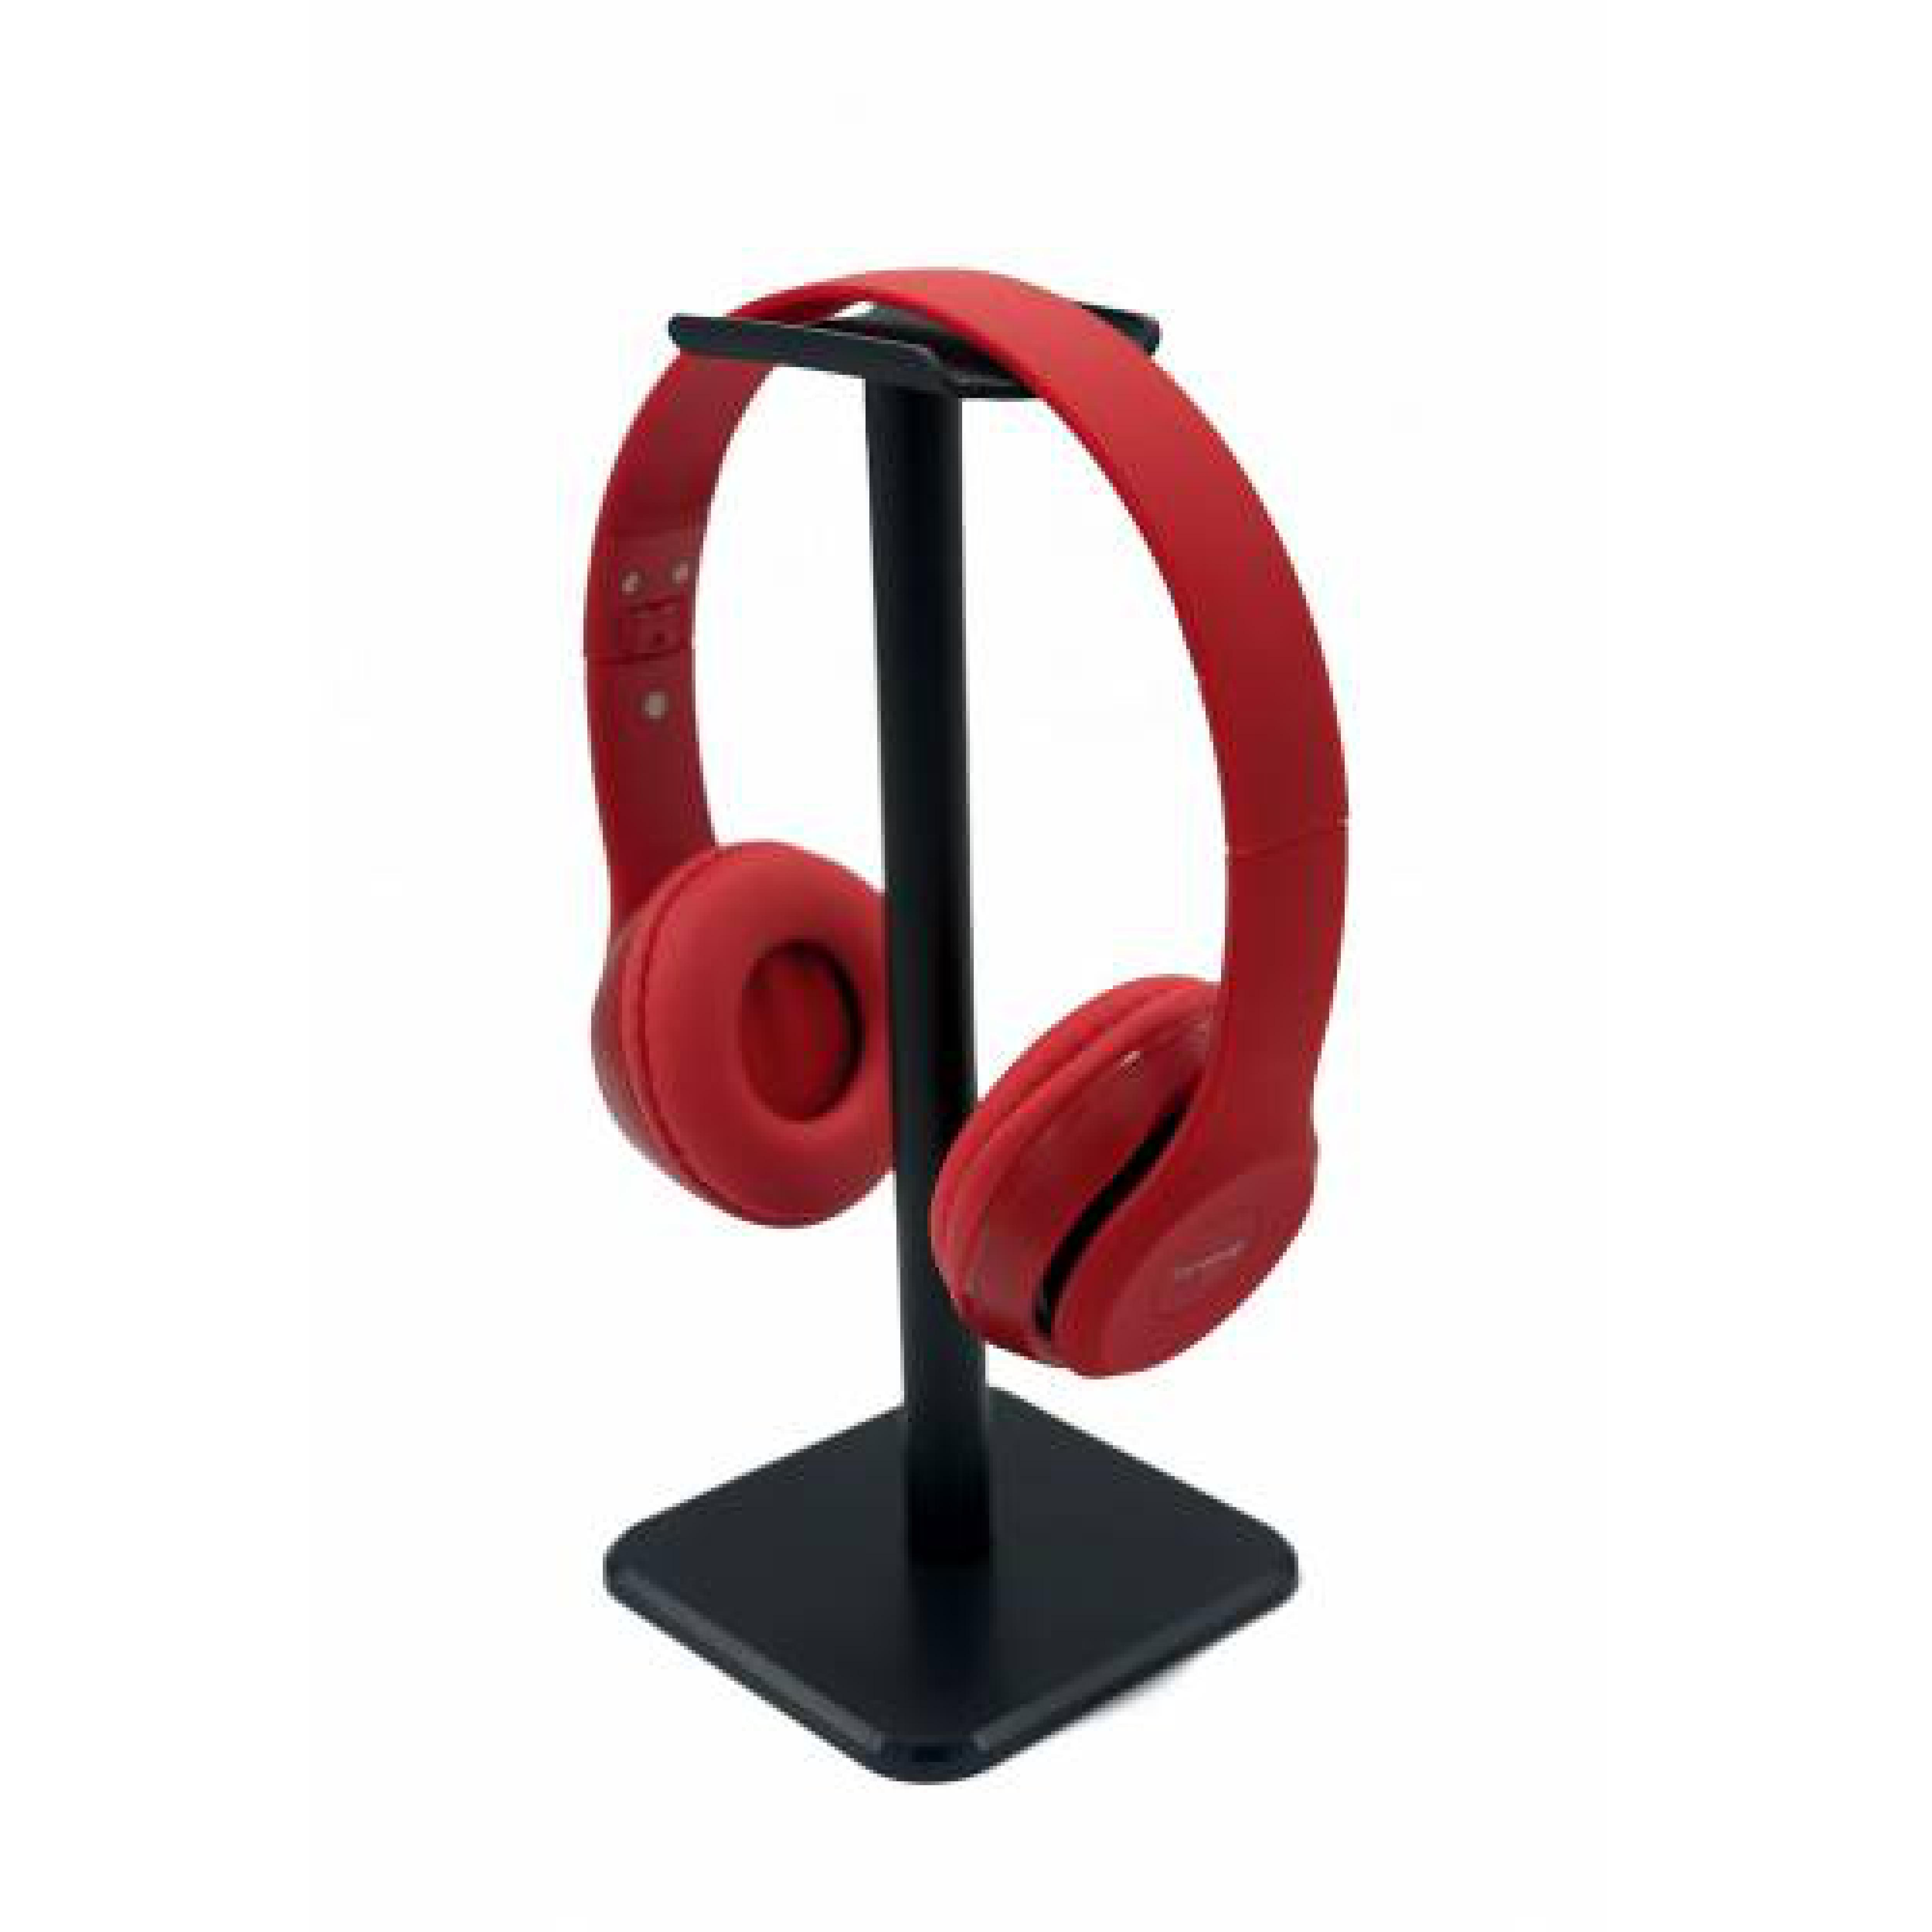 SHL580 Aux Kablolu Kulak Üstü Kulaklık Ayarlanabilir Katlanabilir